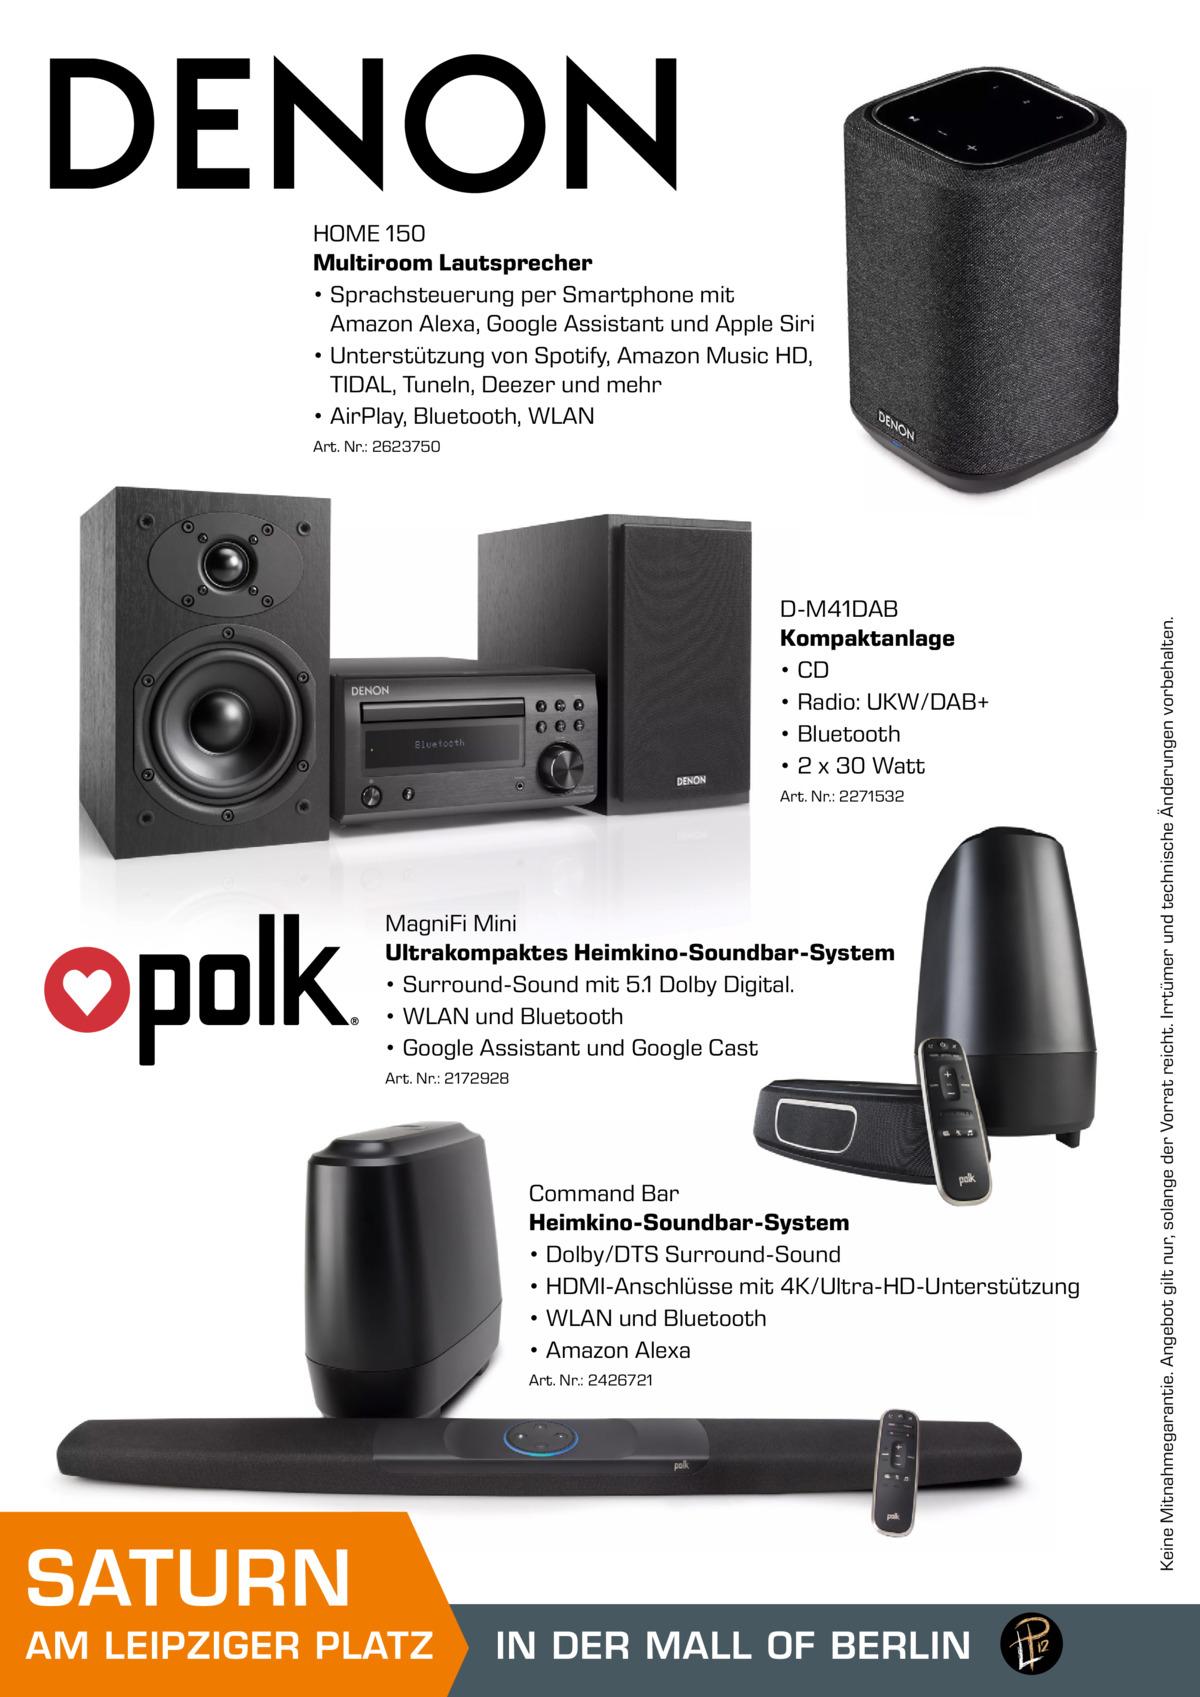 HOME 150 Multiroom Lautsprecher • Sprachsteuerung per Smartphone mit Amazon Alexa, Google Assistant und Apple Siri • Unterstützung von Spotify, Amazon Music HD, TIDAL, TuneIn, Deezer und mehr • AirPlay, Bluetooth, WLAN  D-M41DAB Kompaktanlage • CD • Radio: UKW/DAB+ • Bluetooth • 2 x 30 Watt Art. Nr.: 2271532  MagniFi Mini Ultrakompaktes Heimkino-Soundbar-System • Surround-Sound mit 5.1 Dolby Digital. • WLAN und Bluetooth • Google Assistant und Google Cast Art. Nr.: 2172928  Command Bar Heimkino-Soundbar-System • Dolby/DTS Surround-Sound • HDMI-Anschlüsse mit 4K/Ultra-HD-Unterstützung • WLAN und Bluetooth • Amazon Alexa Art. Nr.: 2426721  SATURN  AM LEIPZIGER PLATZ  IN DER MALL OF BERLIN MALL OF BERLIN  Keine Mitnahmegarantie. Angebot gilt nur, solange der Vorrat reicht. Irrtümer und technische Änderungen vorbehalten.  Art. Nr.: 2623750